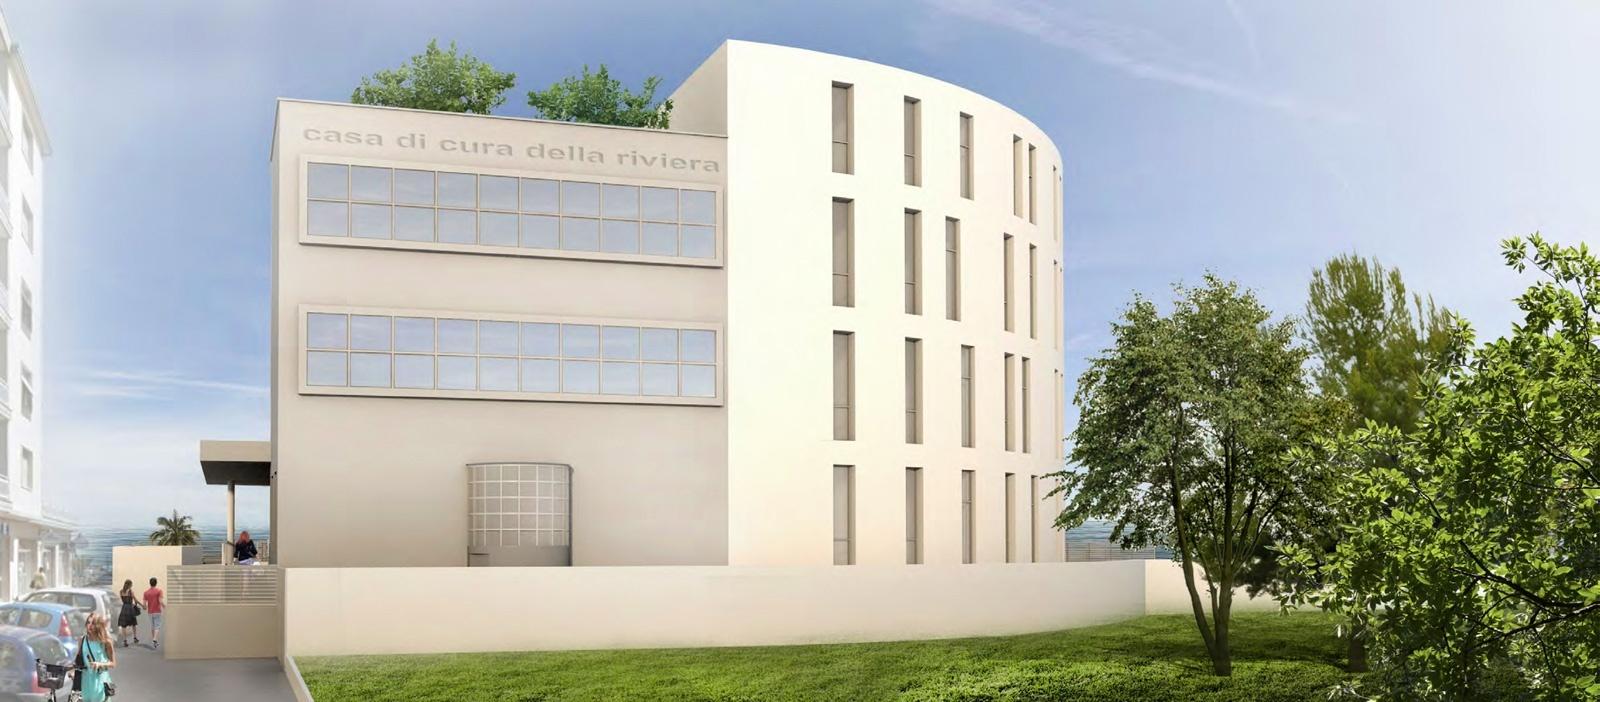 Rsa/Rp La Riviera si trasforma temporaneamente in un Centro a bassa intensità di cura per rispondere all'emergenza sanitaria nel savonese